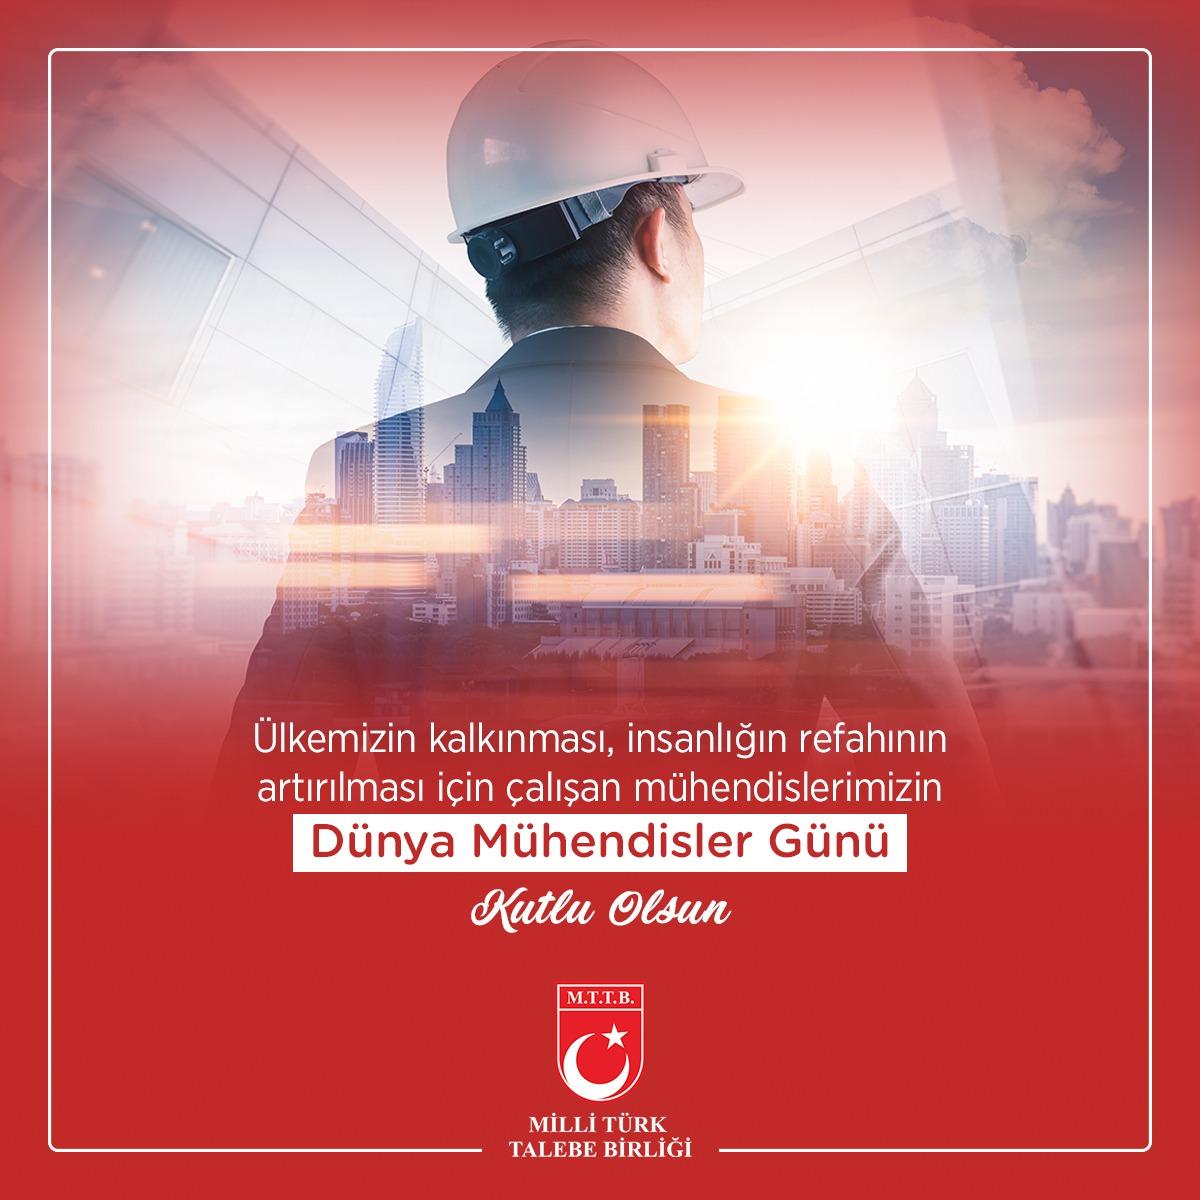 Dünya Mühendisler Günü Kutlu Olsun !